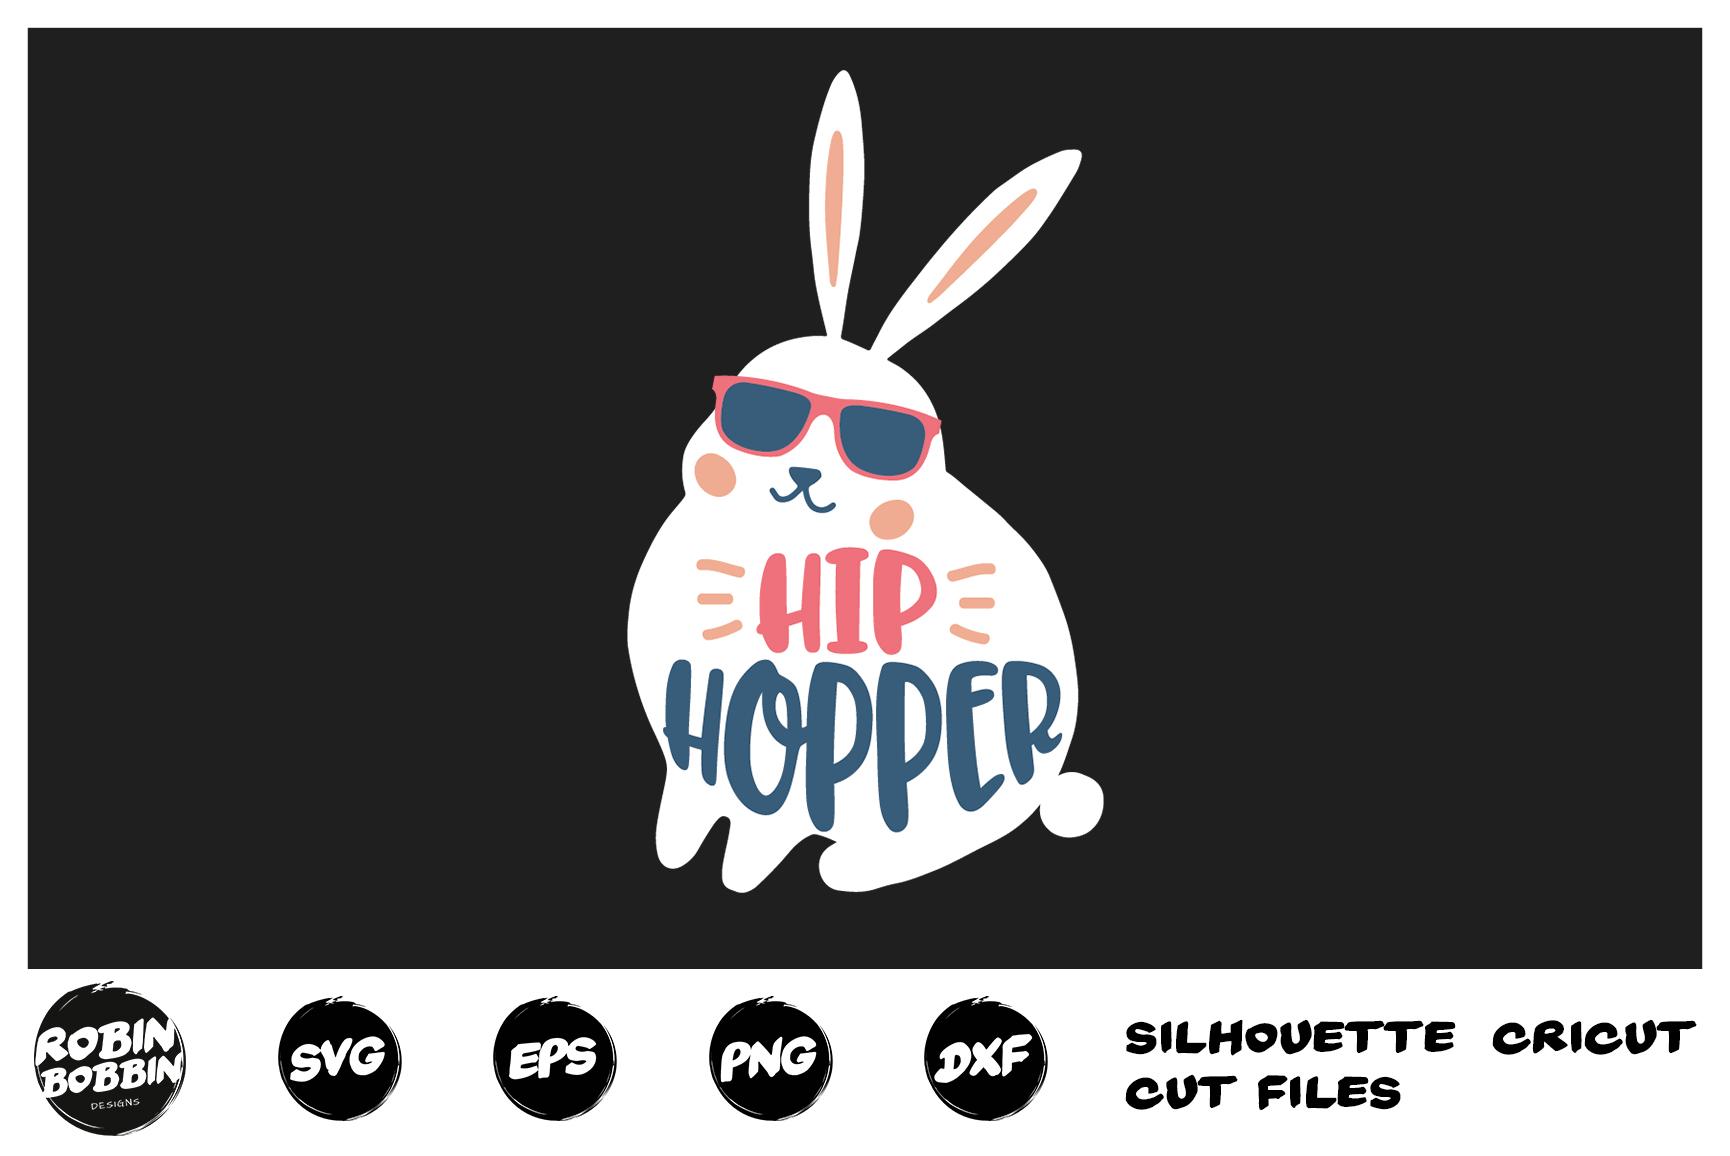 Easter svg, Hip Hopper Easter Bunny svg, Baby Easter svg example image 1